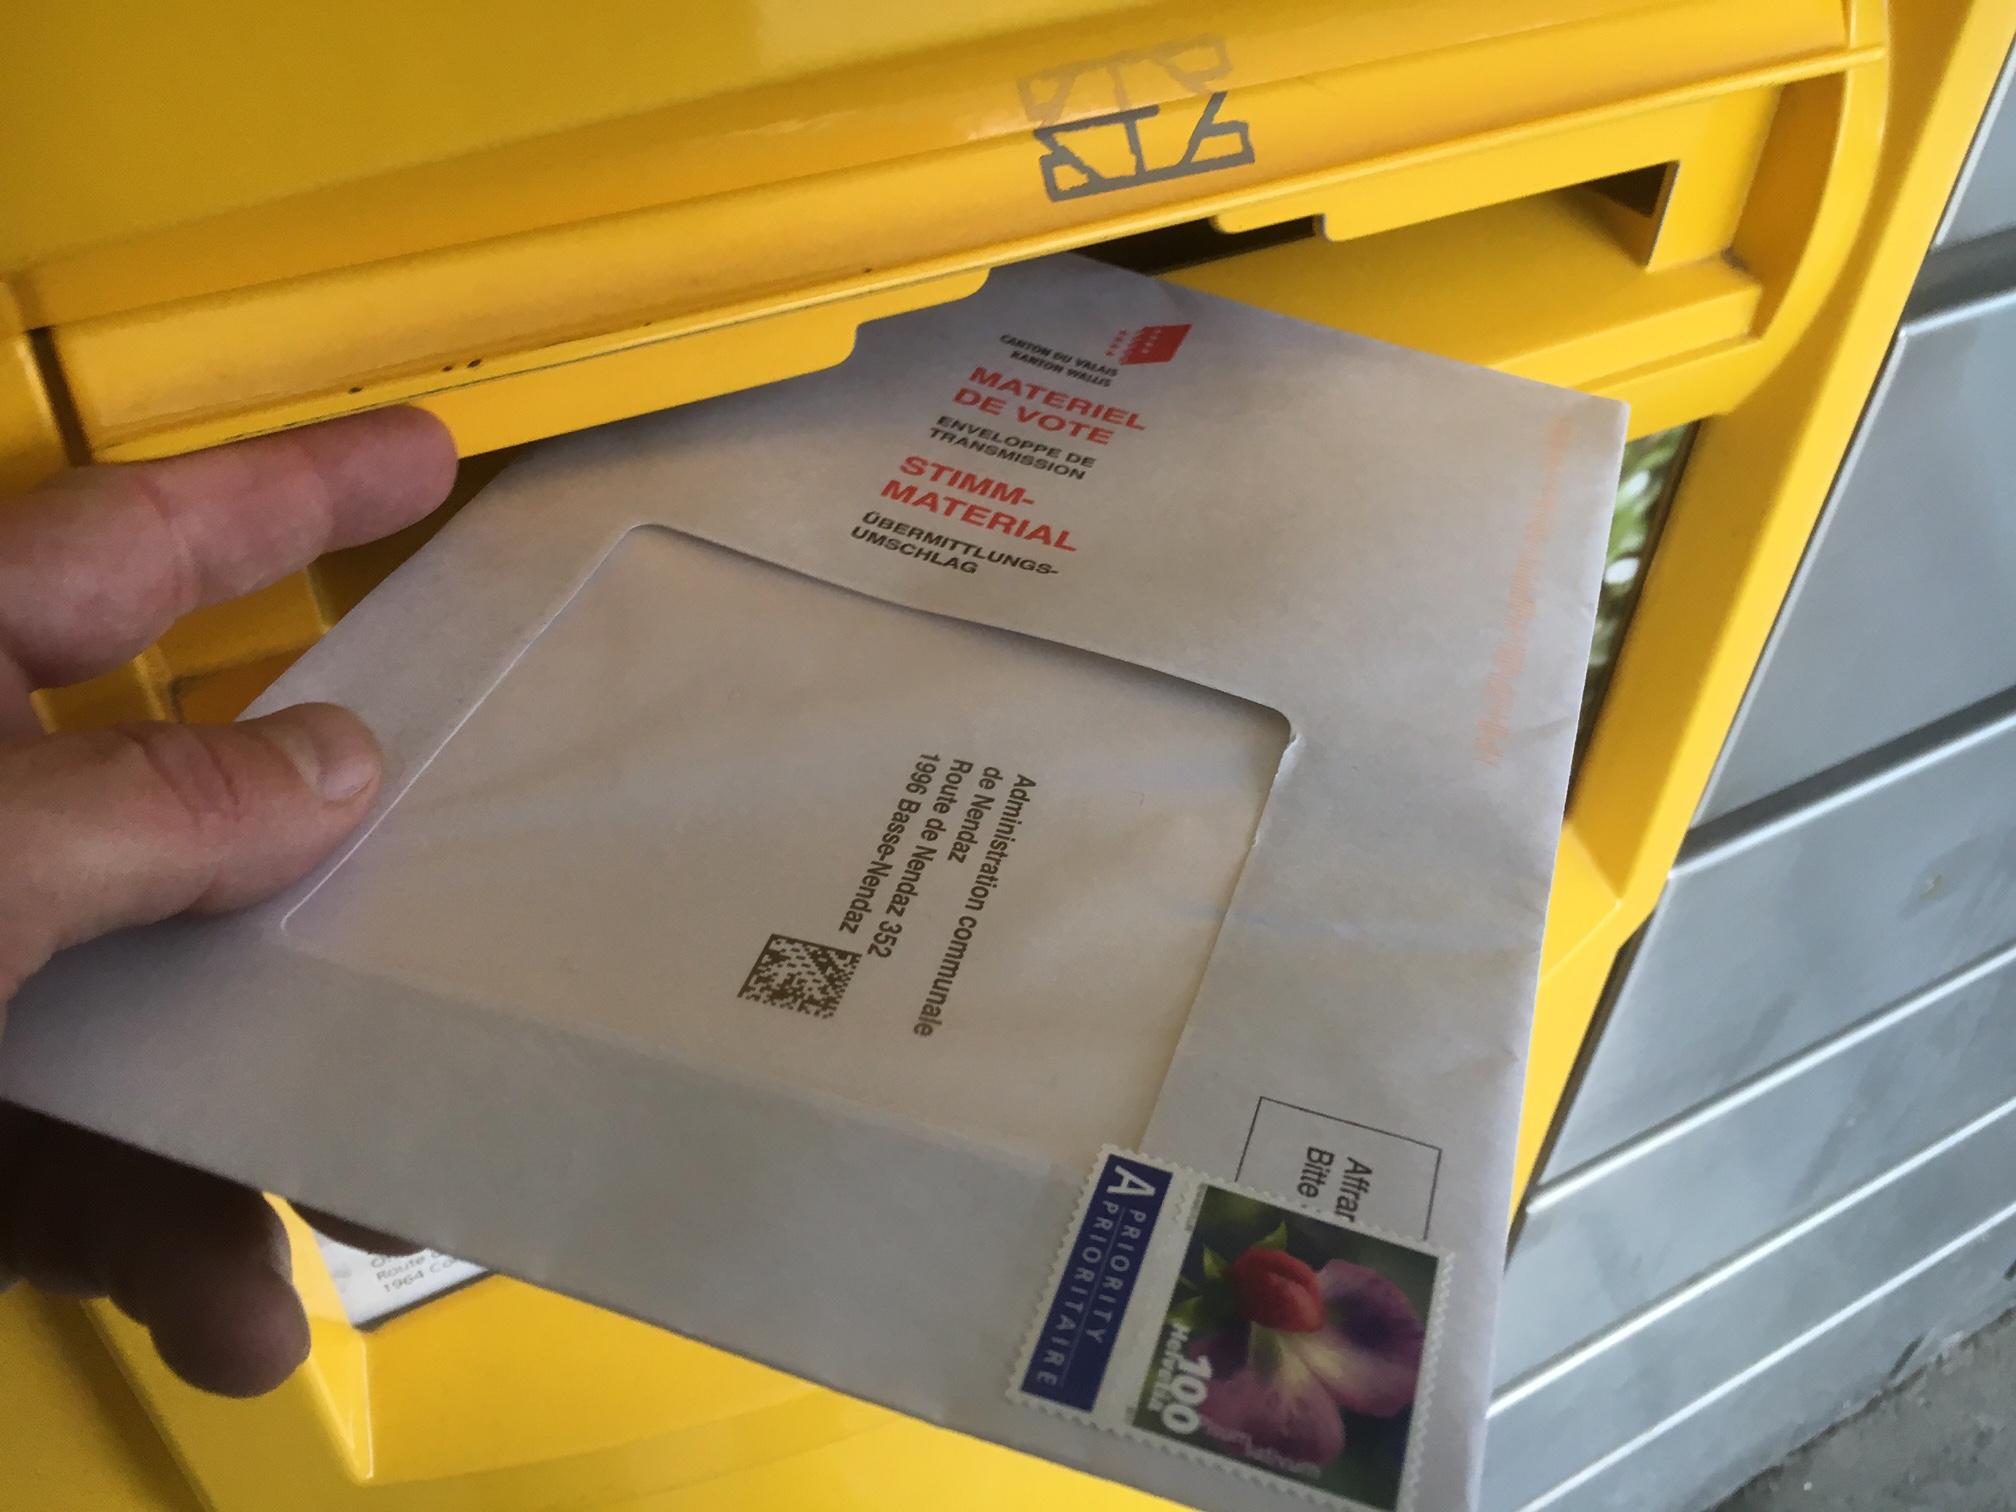 Verwaltung, Finanzen und Politik: Stimmabgabe per Korrespondenz